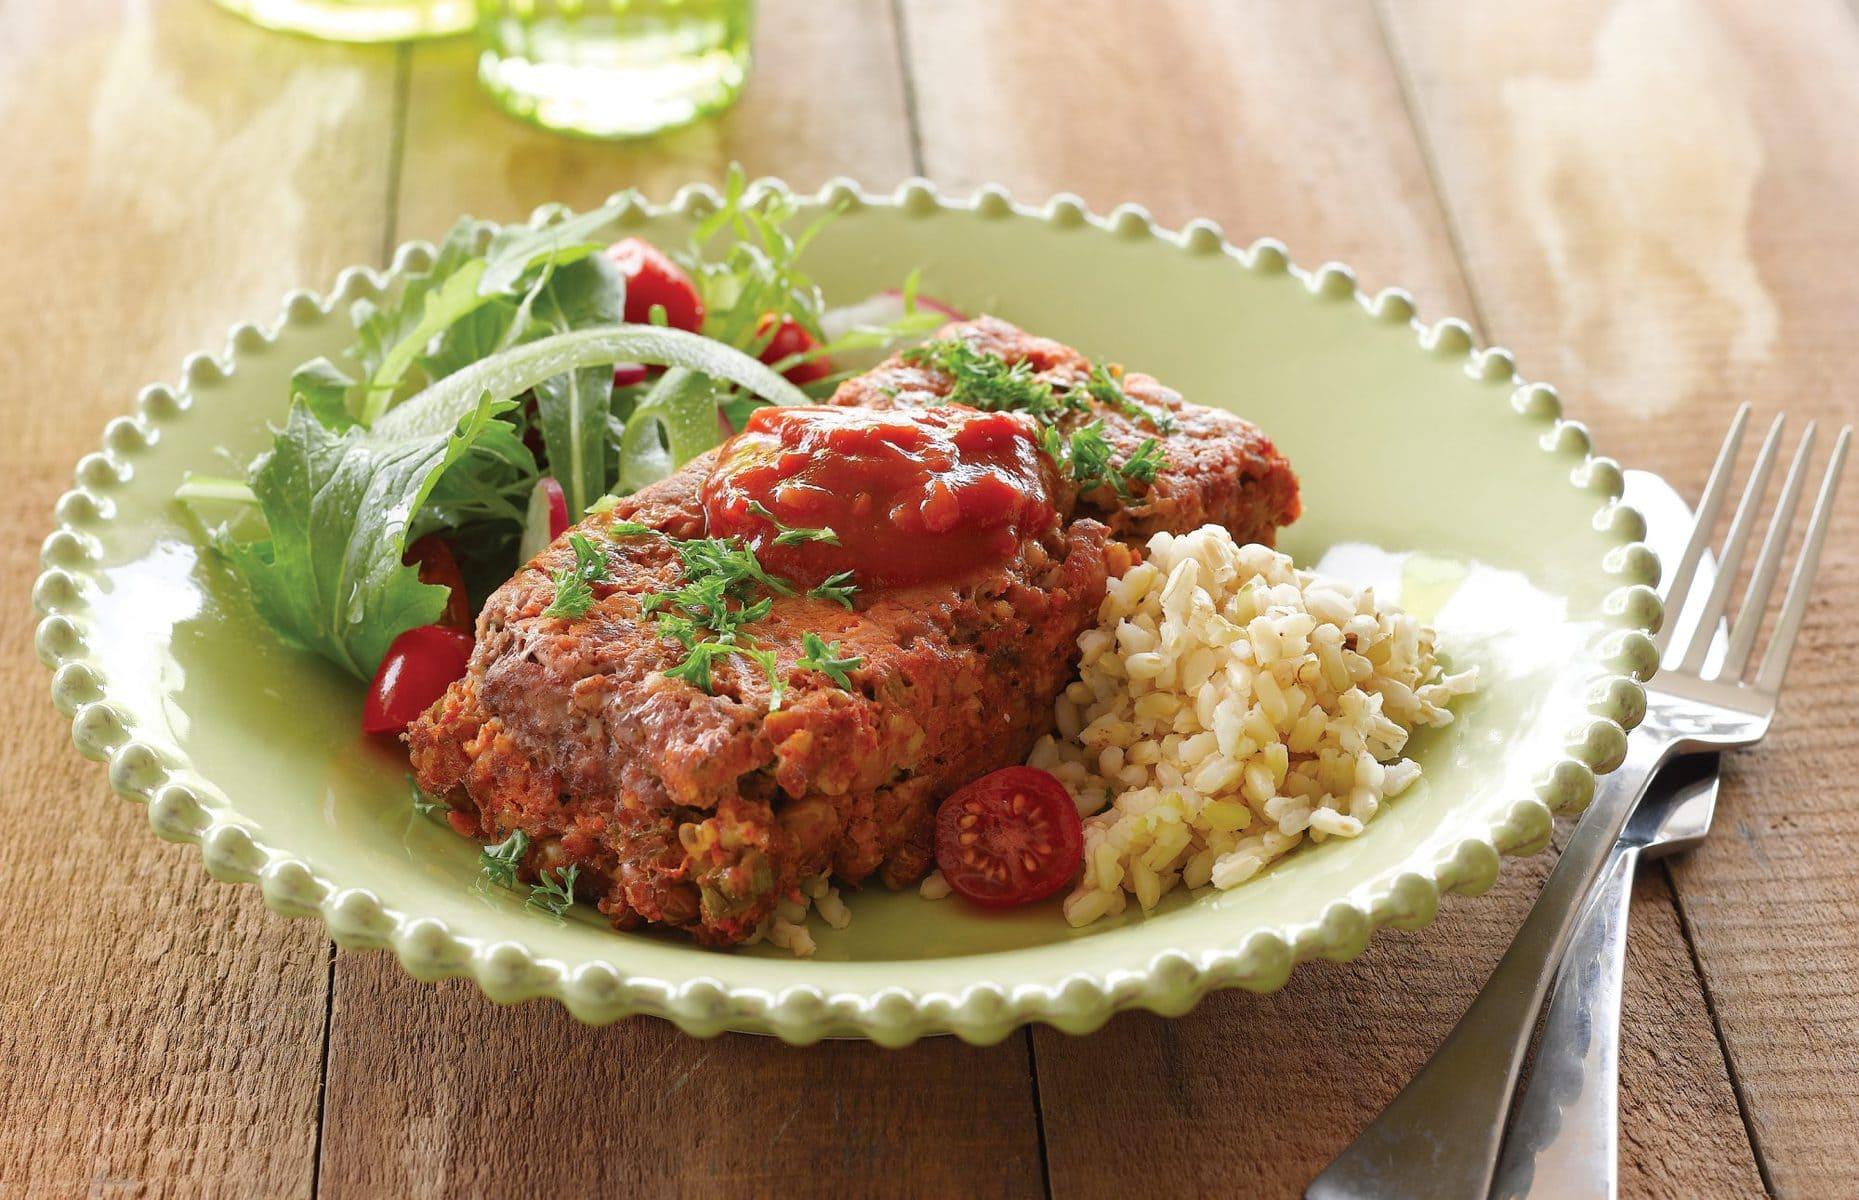 Meatloaf Healthy Food Guide